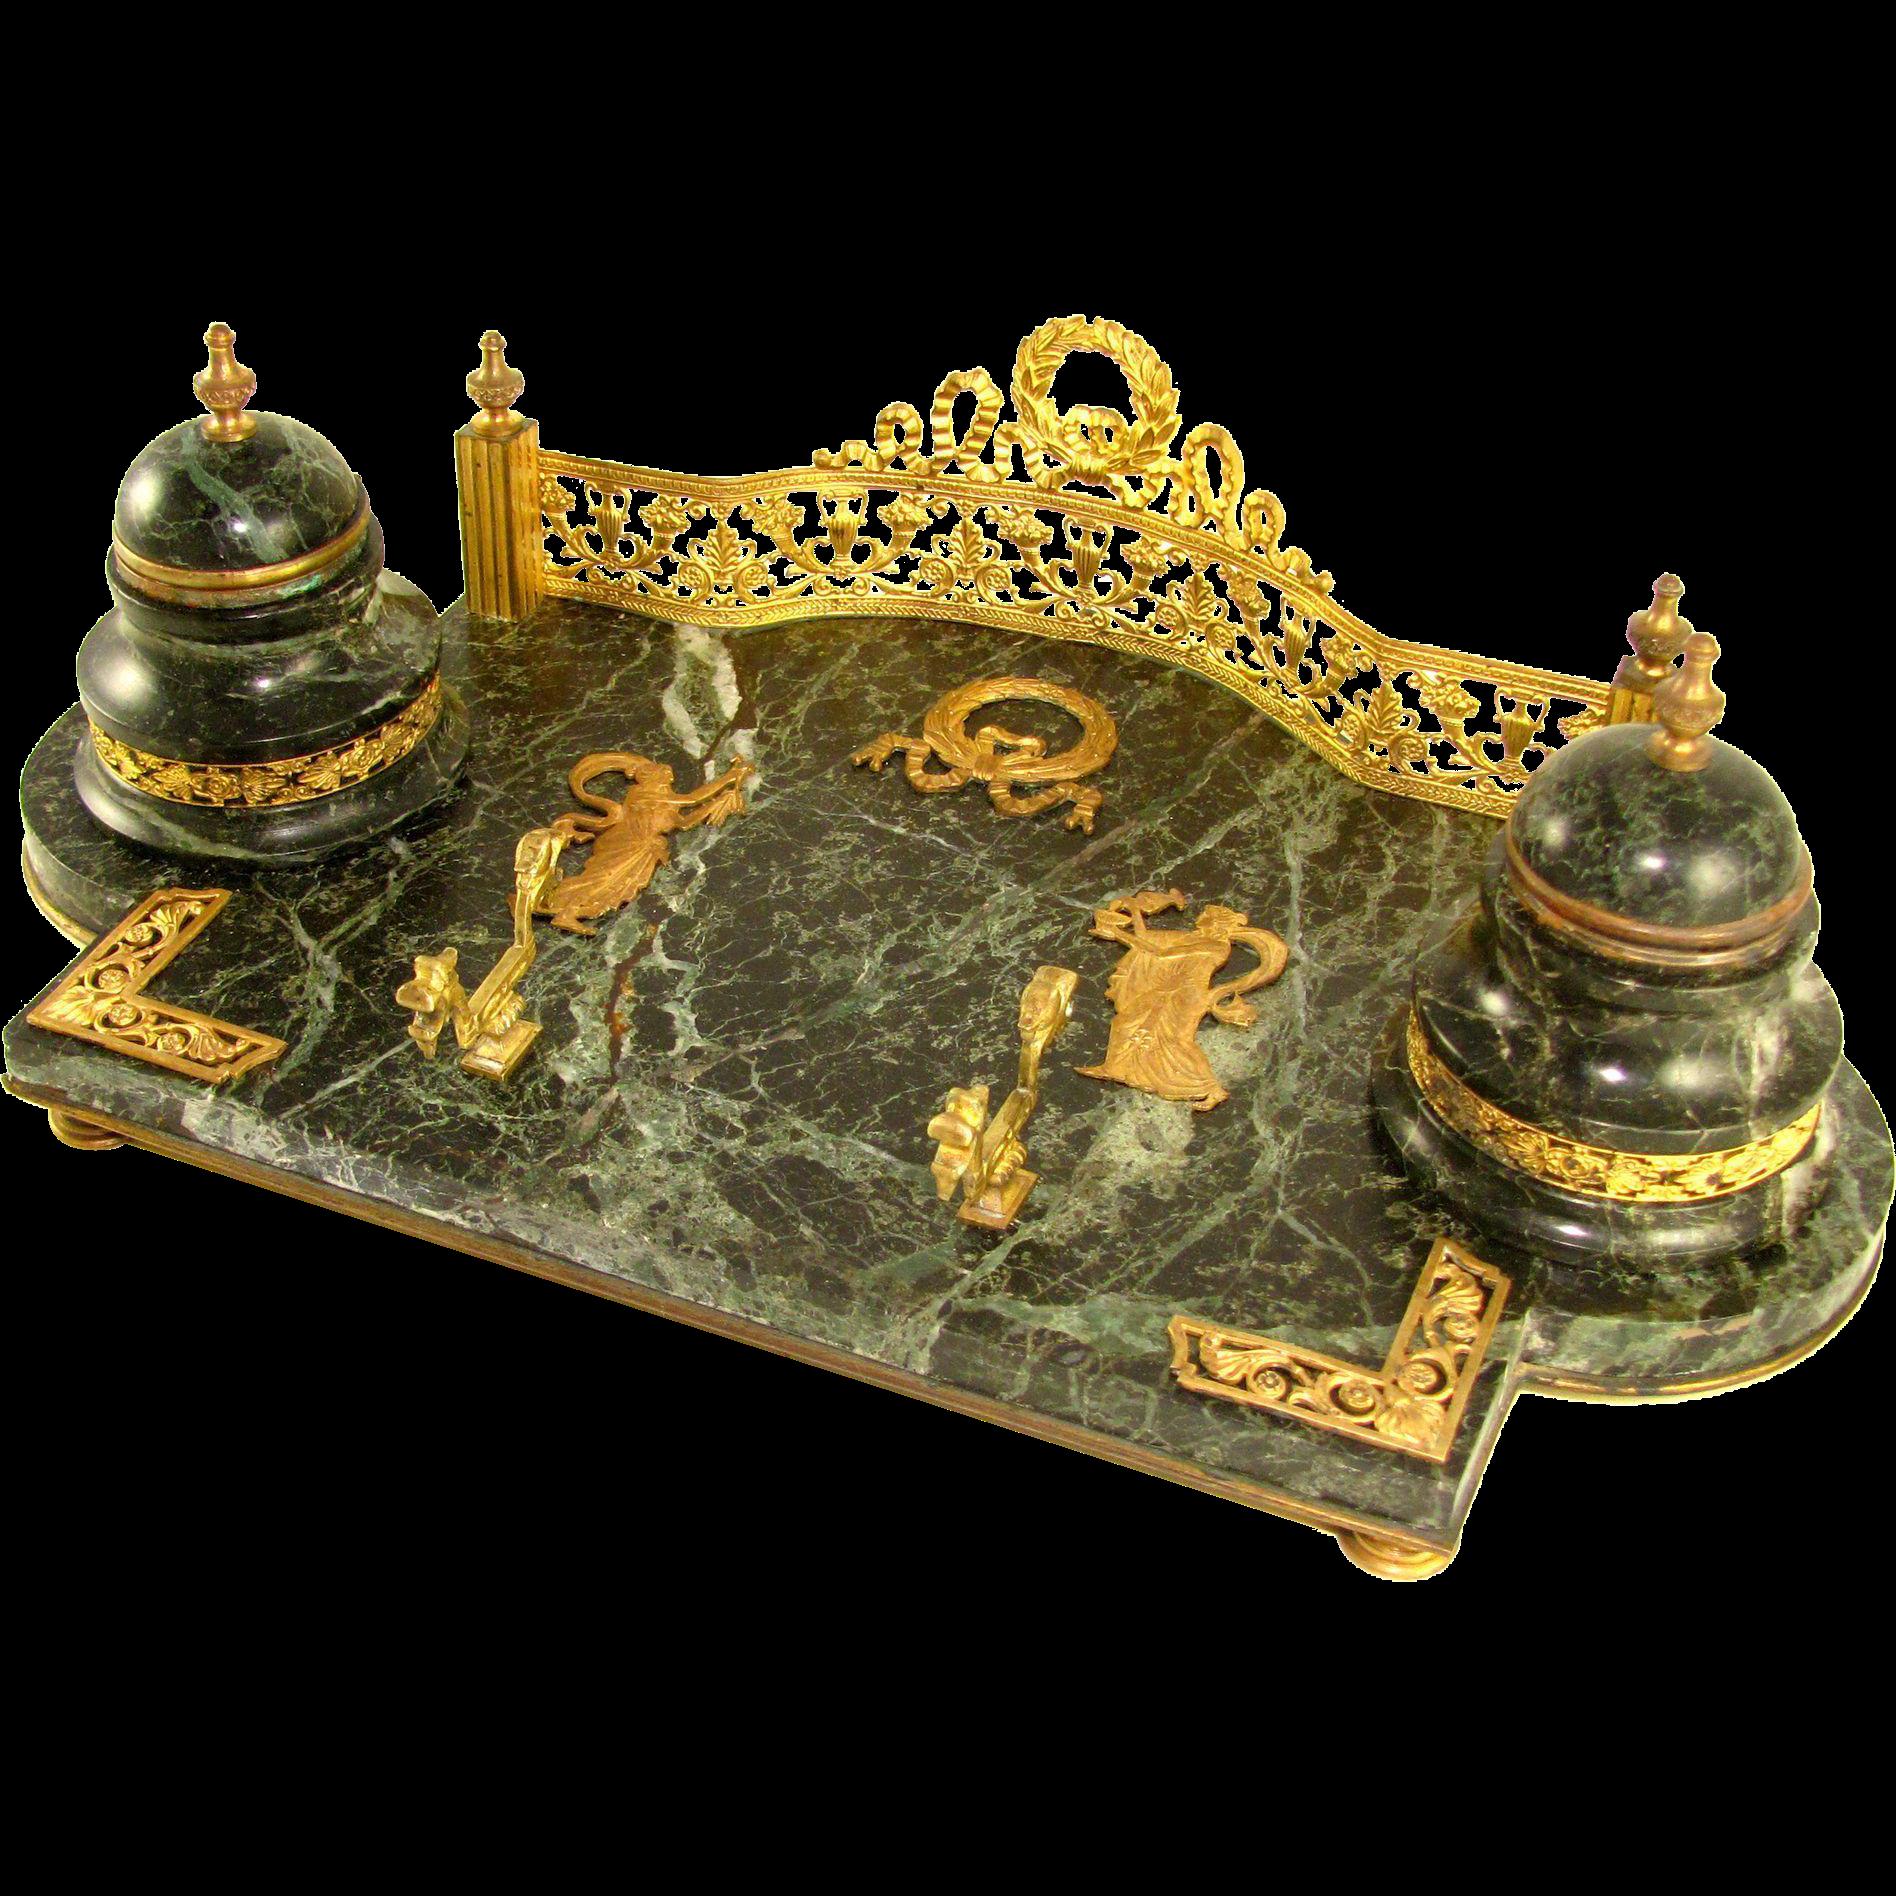 Antique French Napoleon III Empire Gilt Bronze Marble ...